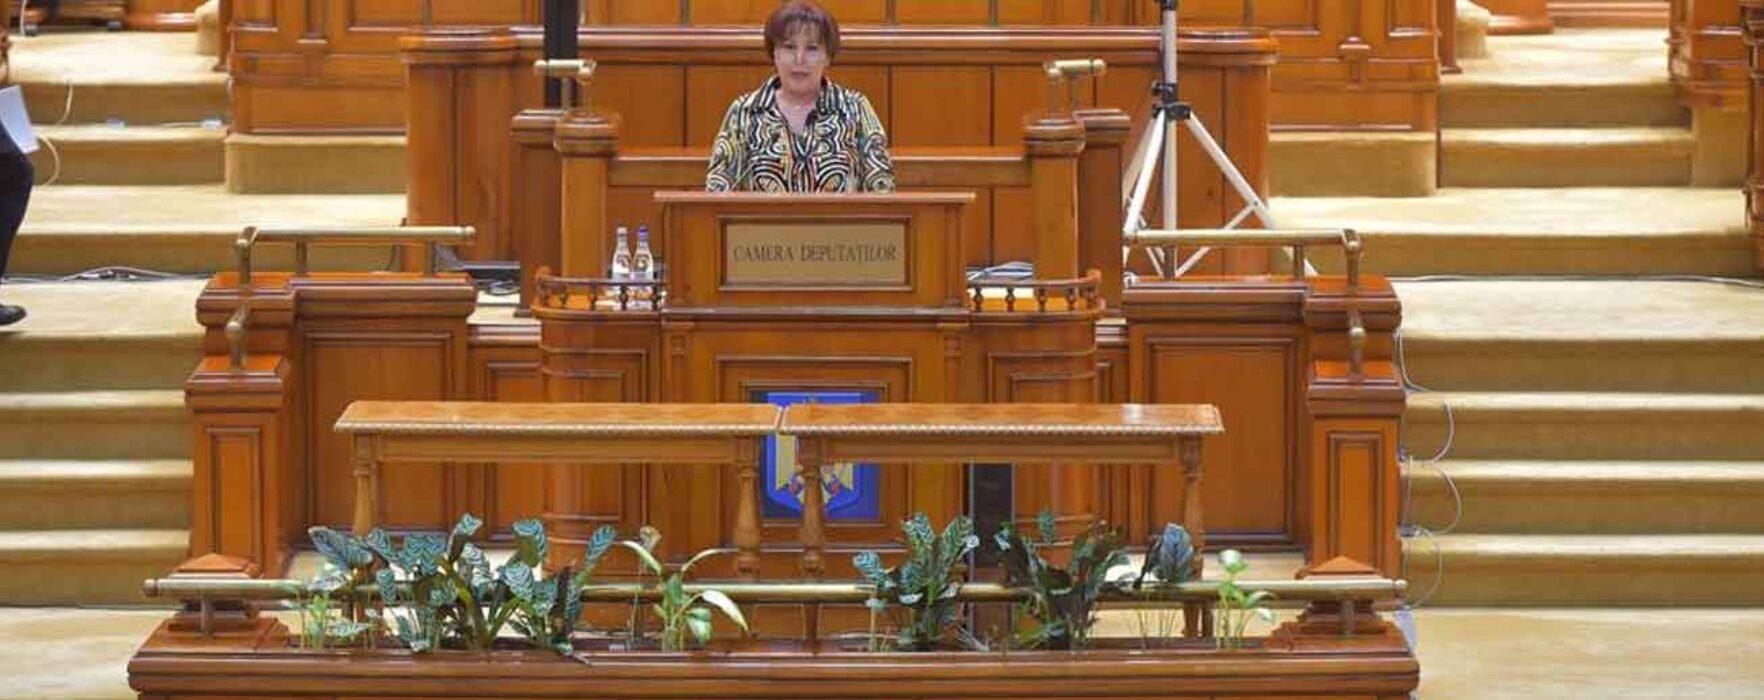 Carmen Holban, PSD: Ministrul Sănătății trebuie să-și dea demisia pentru incapacitatea de a gestiona criza sanitară!